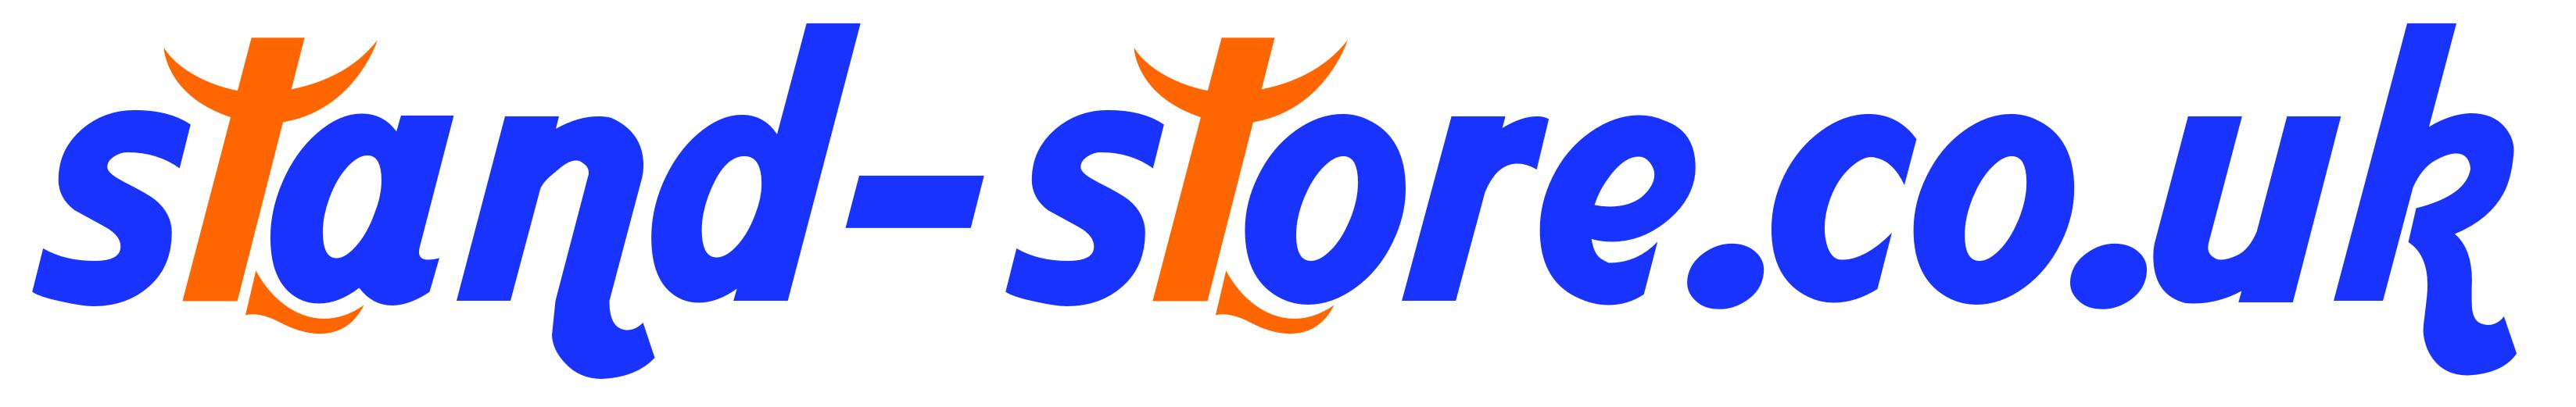 JR Distribution Limited logo